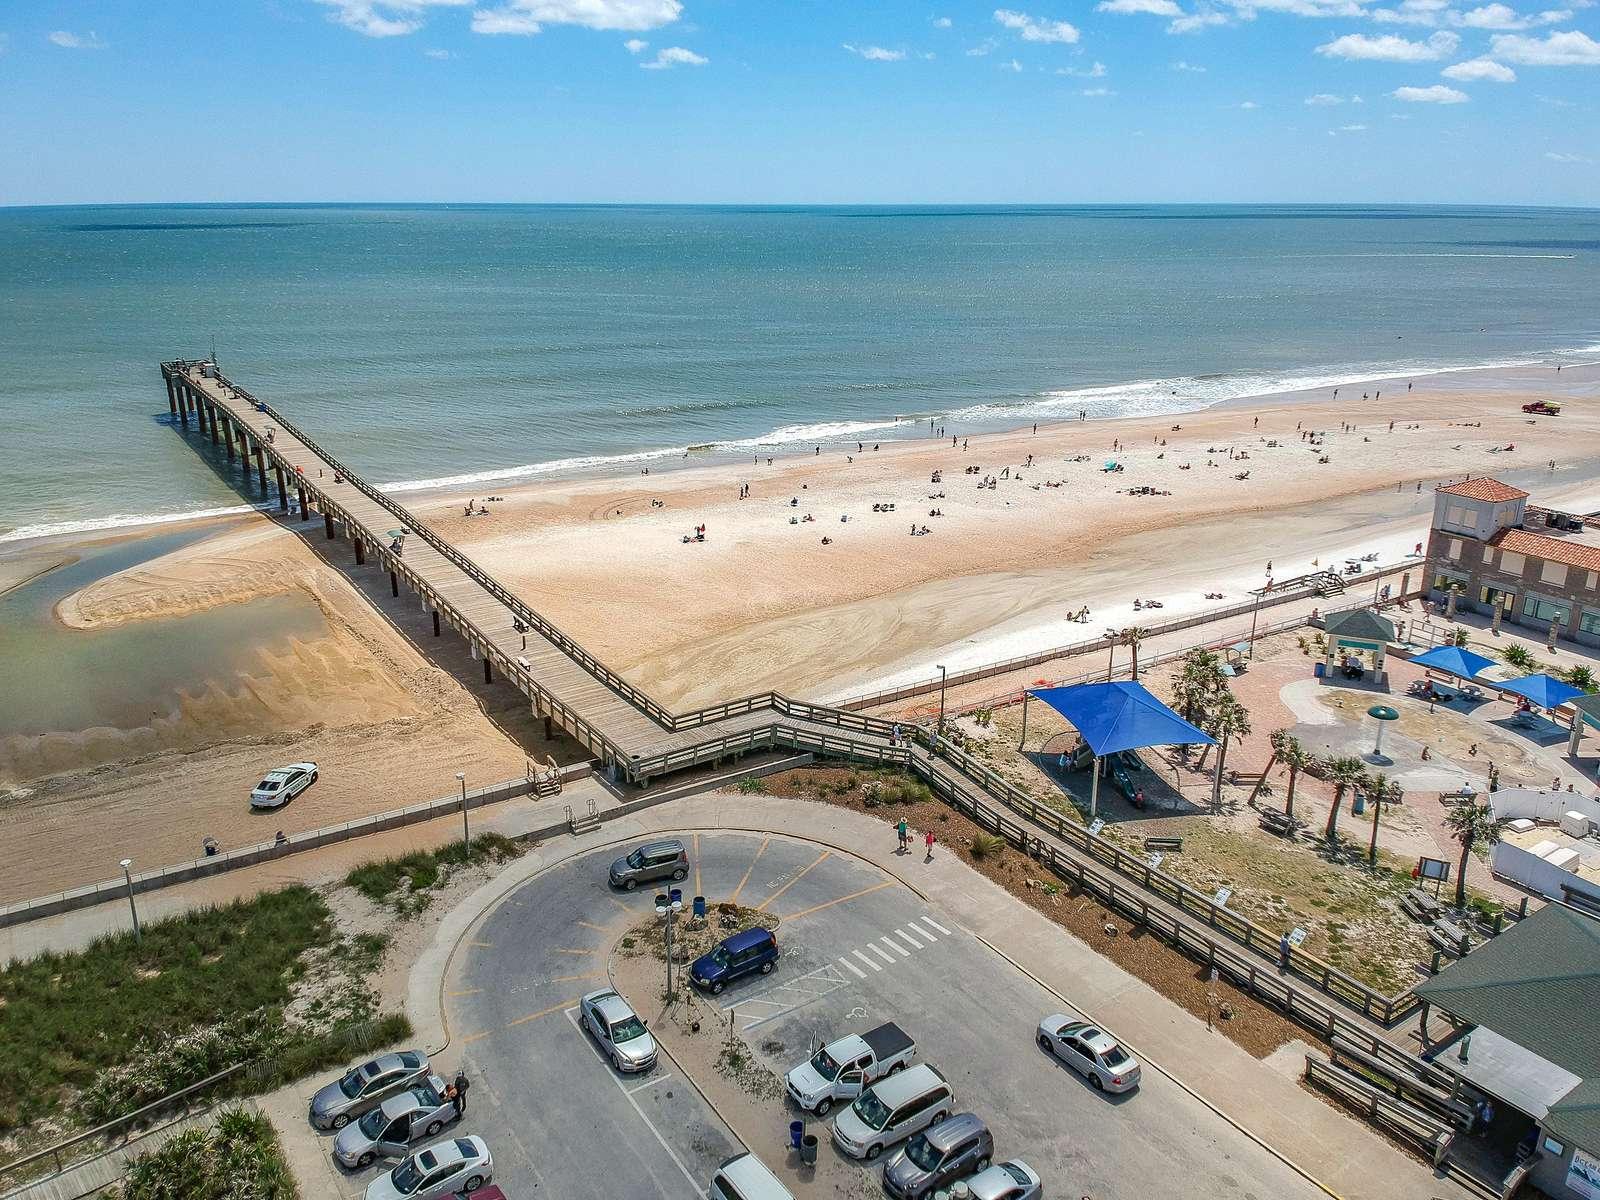 Aerial Photo of Pier/Splash Park